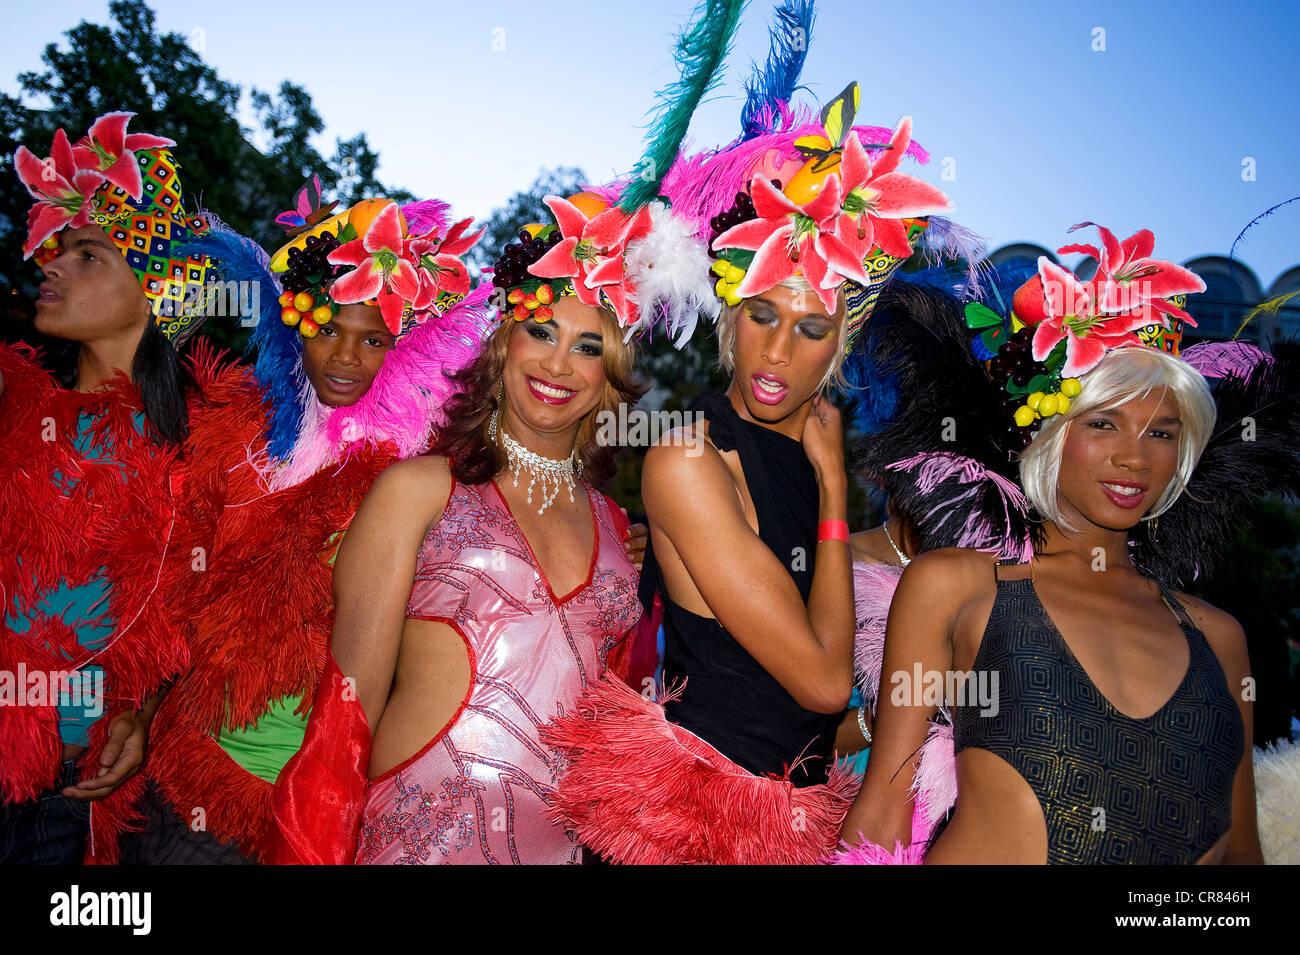 L'Afrique du Sud, Western Cape, Cape Town, Drag Queens pendant le carnaval Photo Stock